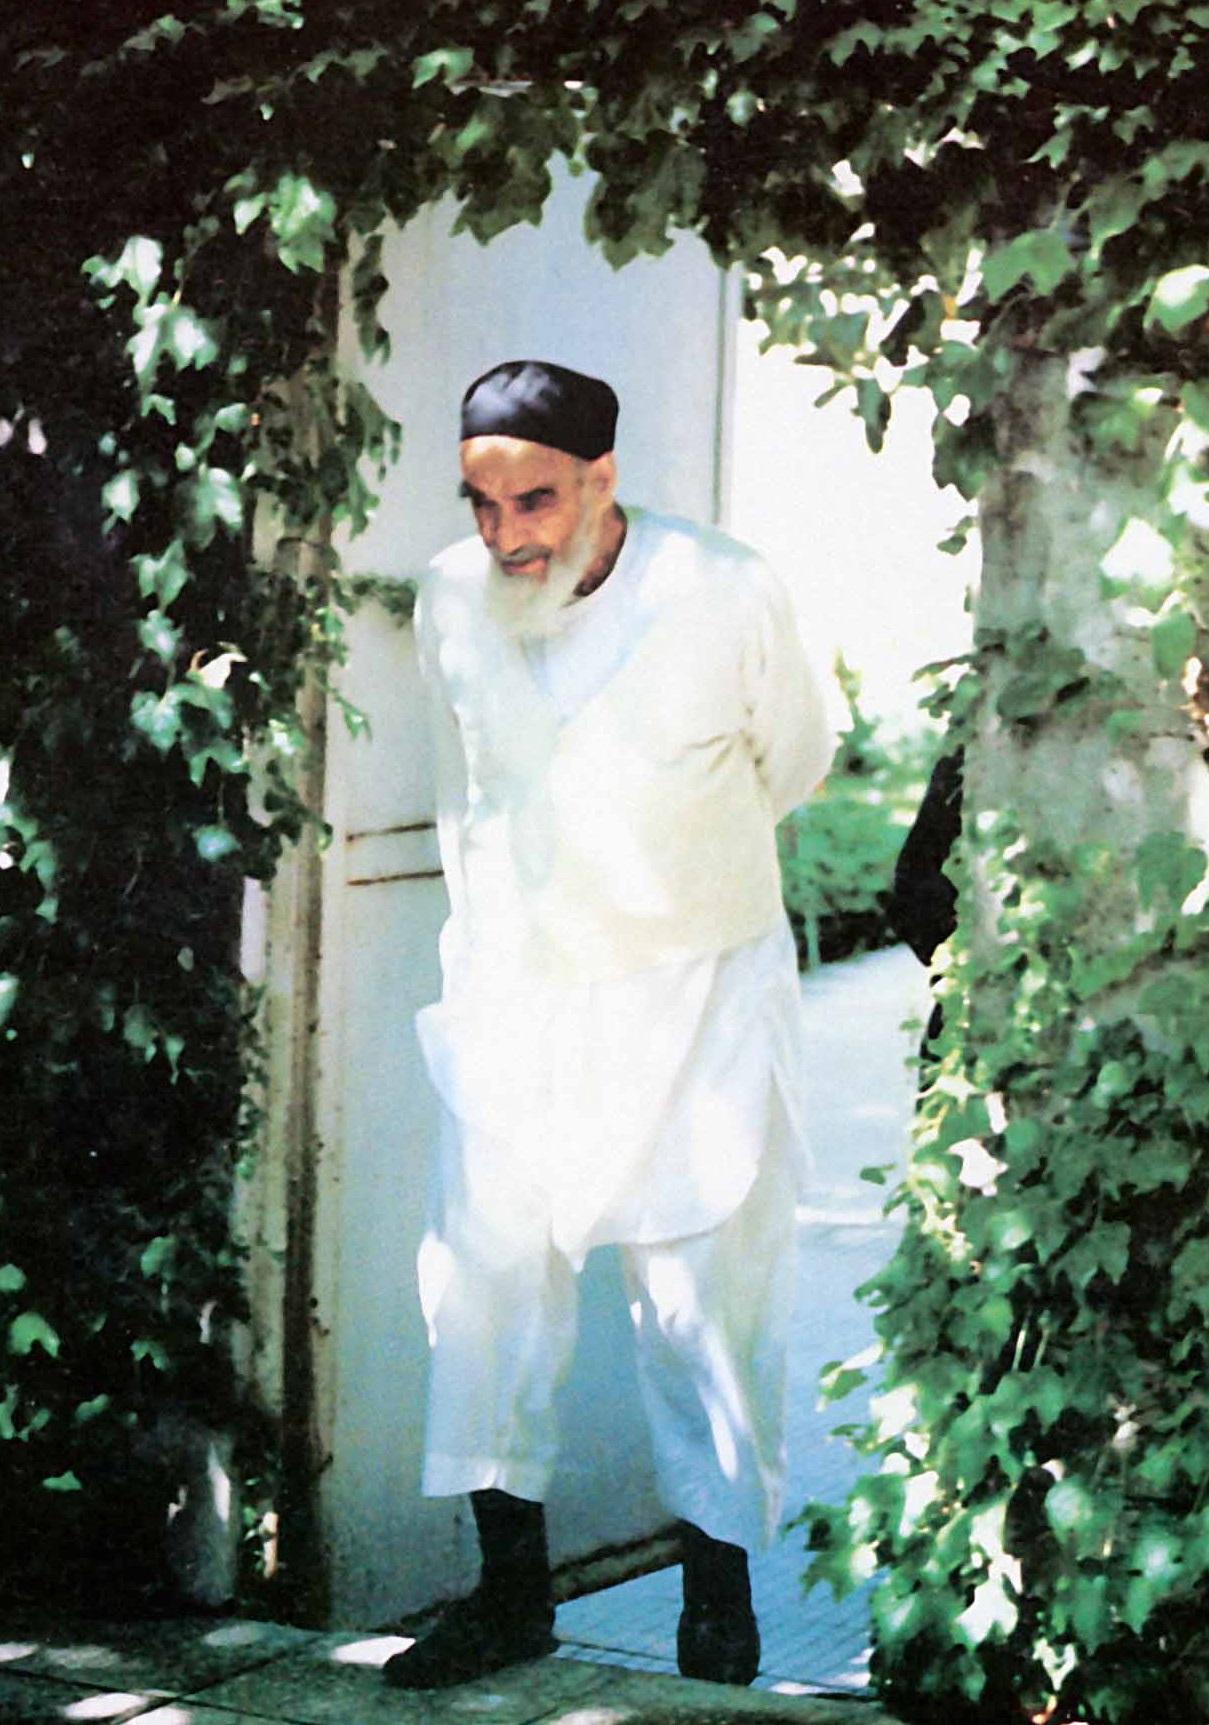 شخصیت امام خمینی (س) | ویژگیهای فردی و عوامل مؤثر بر شخصیت